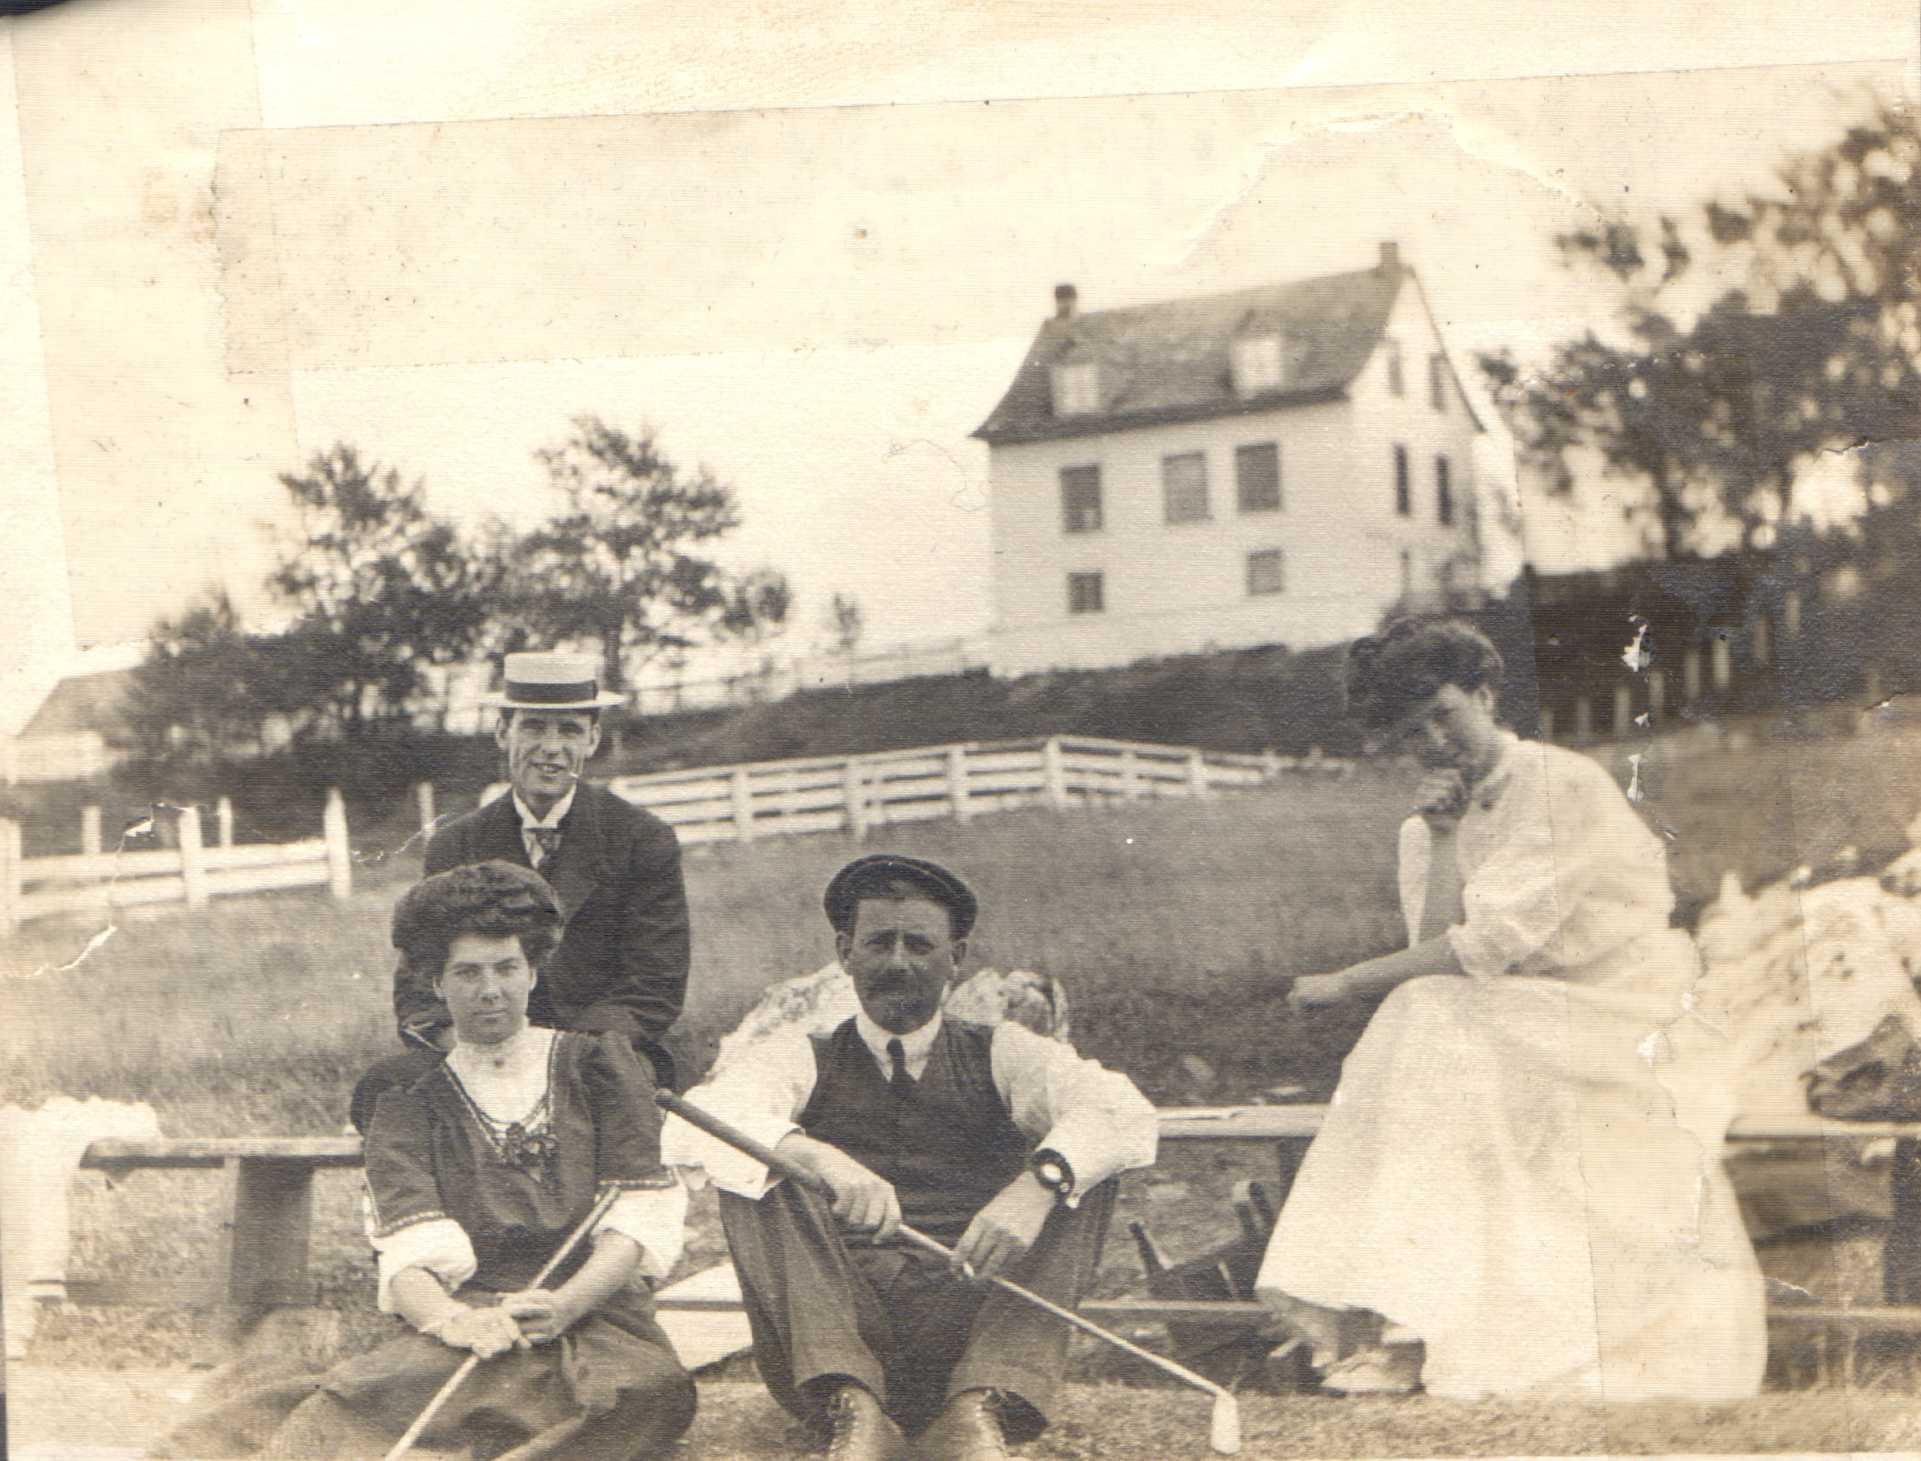 Photographie présentant deux hommes et deux femmes assis ; deux d'entre eux tiennent des bâtons de golf.